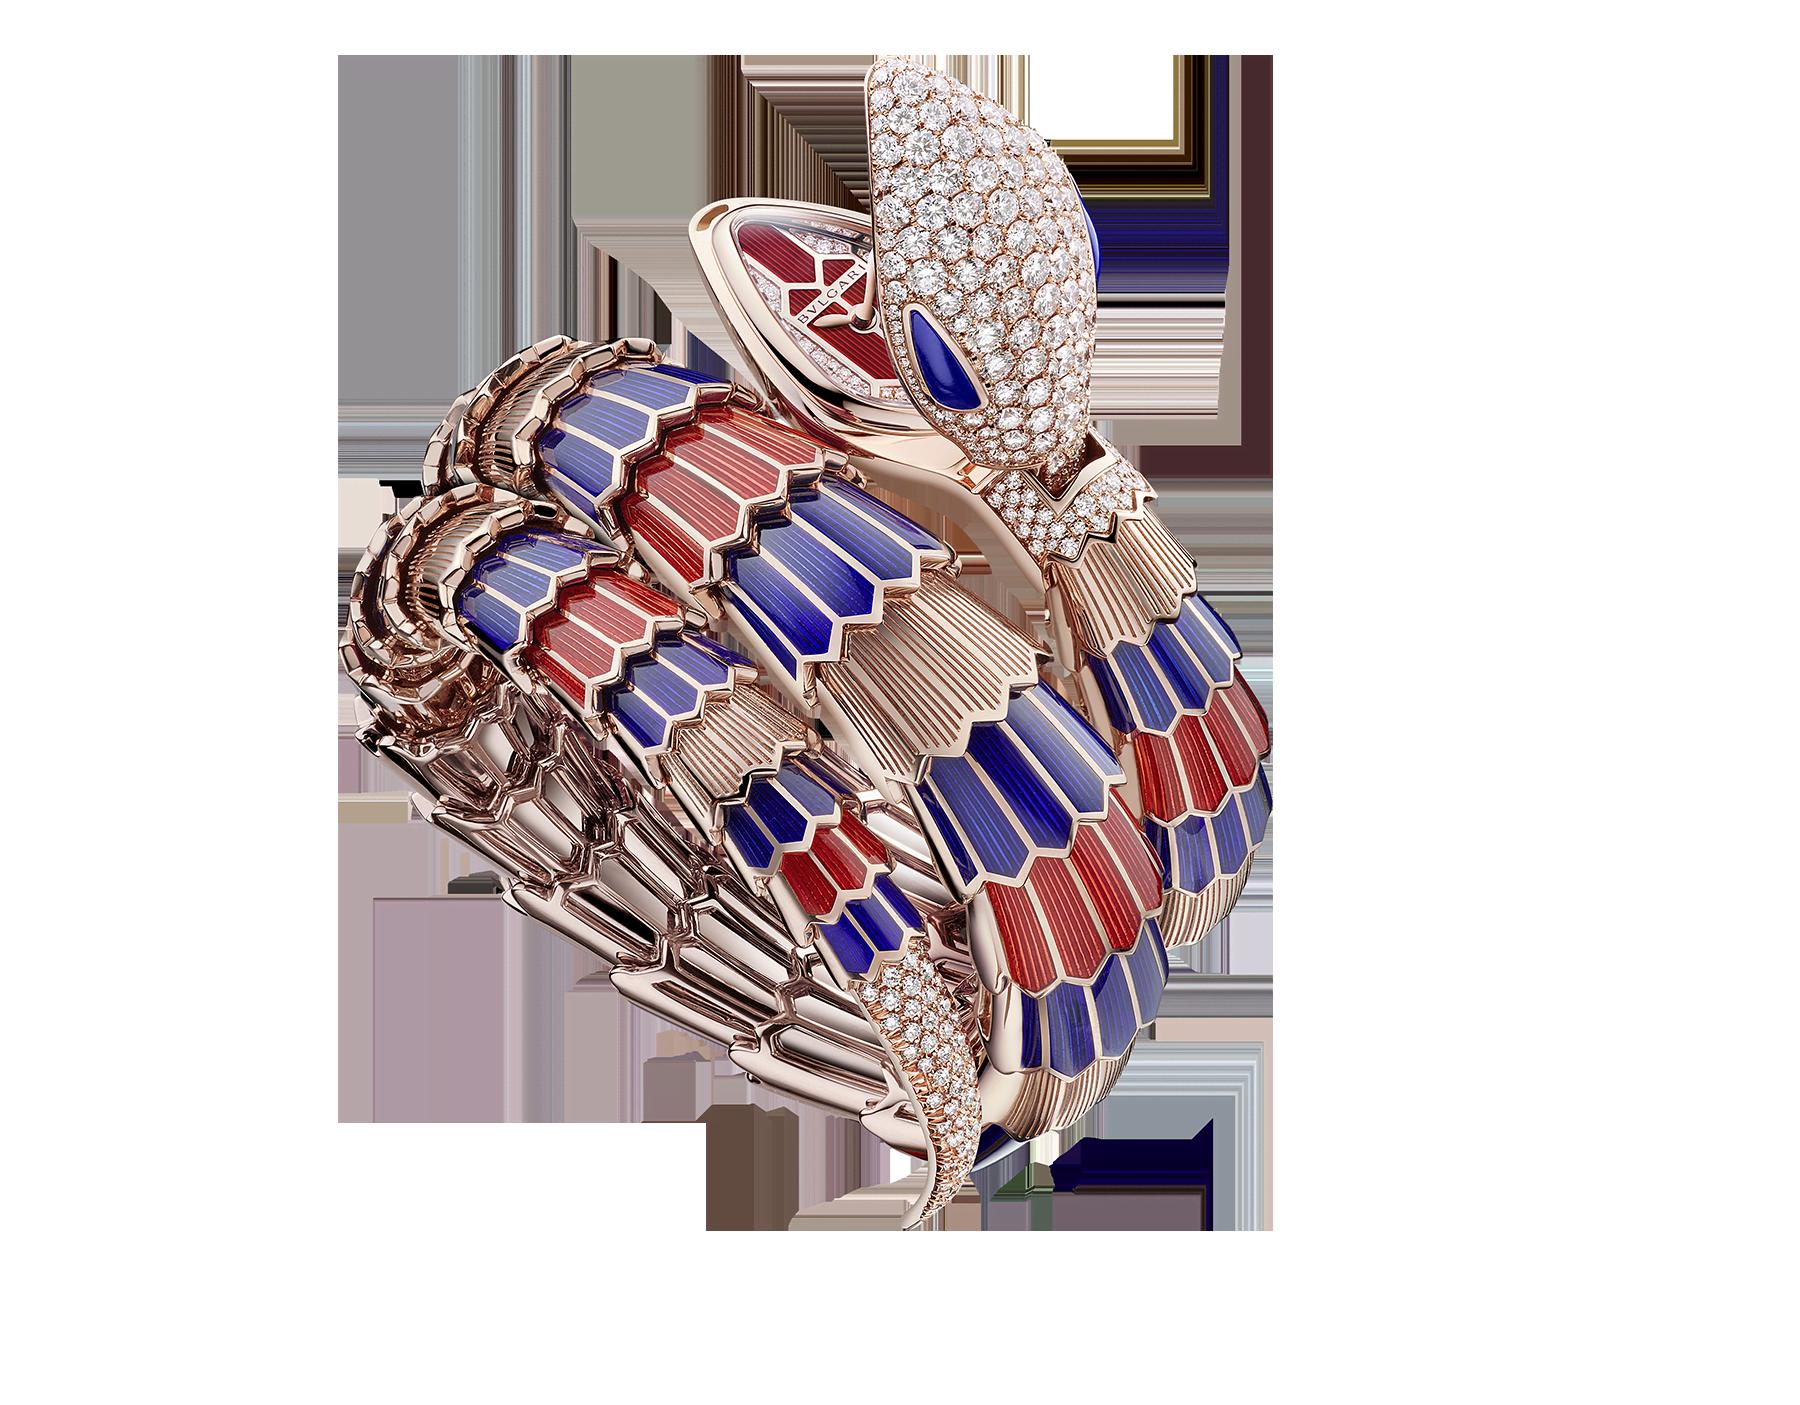 Serpenti Secret Watch 腕錶,18K 玫瑰金蛇頭飾以密鑲鑽石,蛇眼鑲飾青金石,18K 玫瑰金錶殼,18K 玫瑰金錶盤鑲飾明亮型切割鑽石,18K 玫瑰金雙圈螺旋錶帶飾以藍色和紅色漆面並飾以密鑲鑽石。 102445 image 1